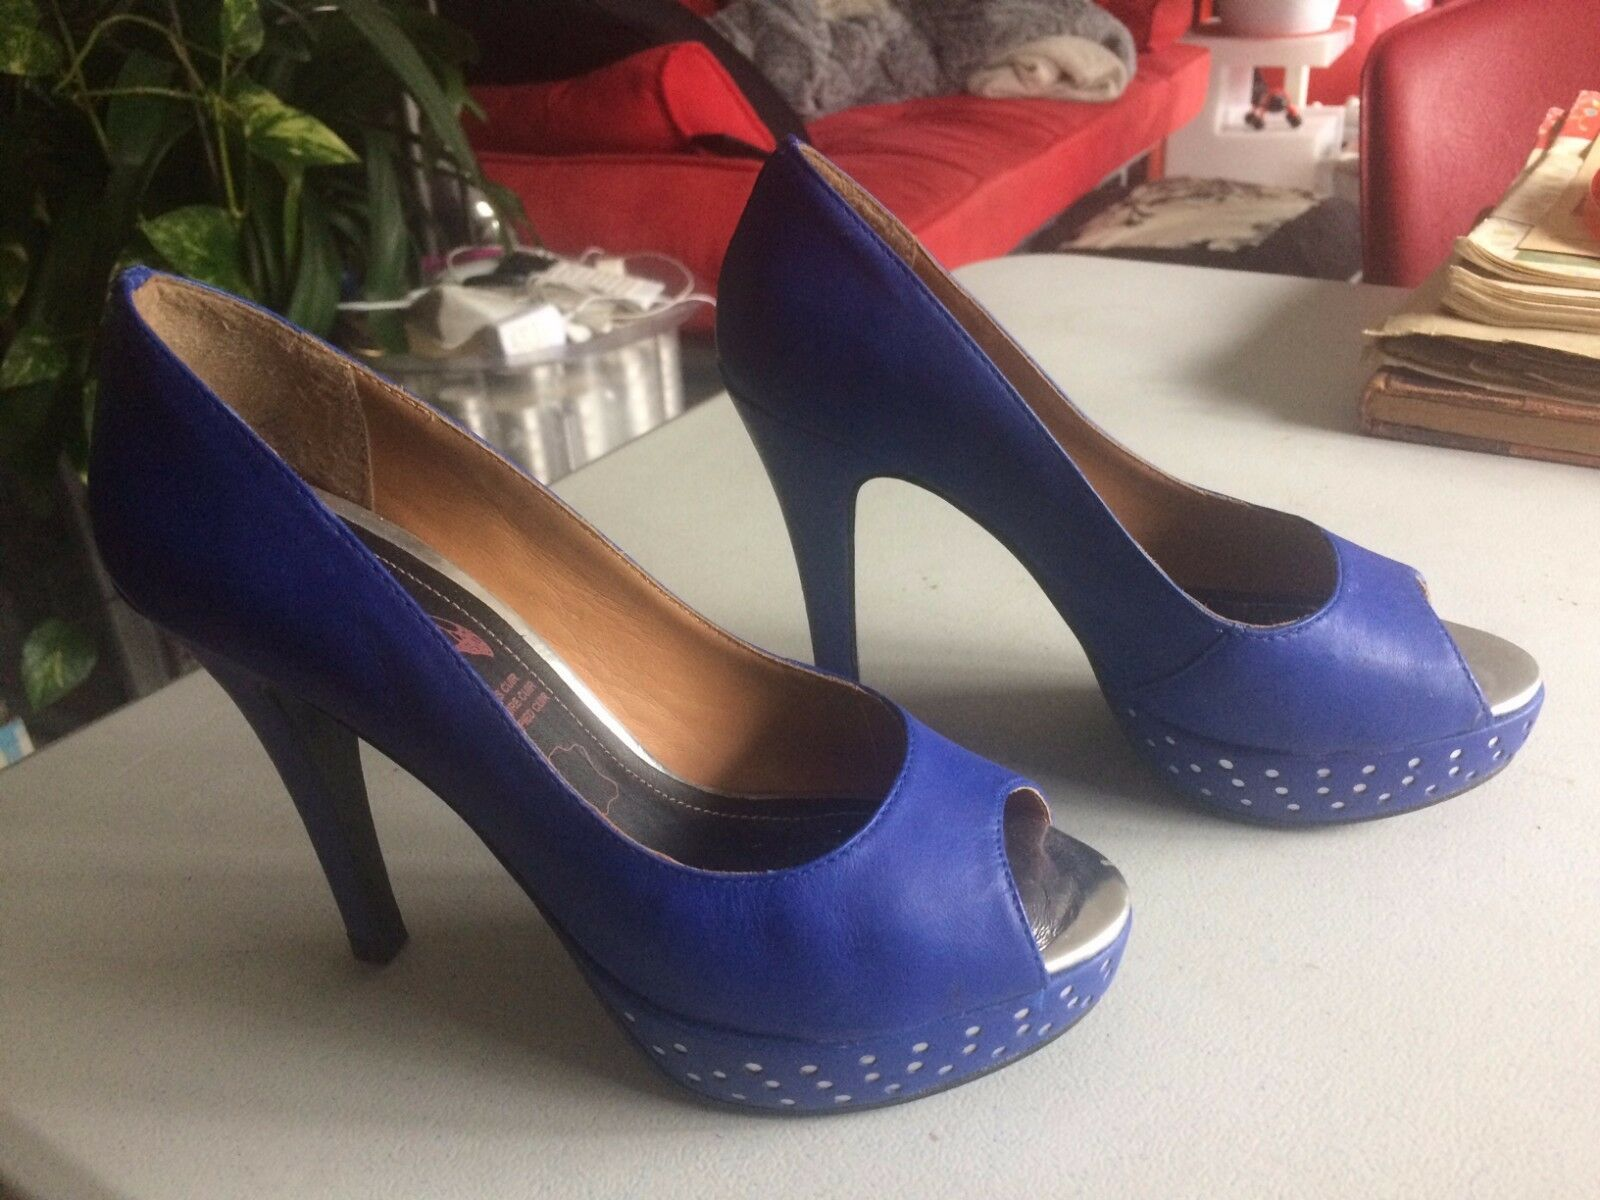 Magnifiques Peep-toes escarpins à bout ougreen Face to Face T36 blue & silver TBE